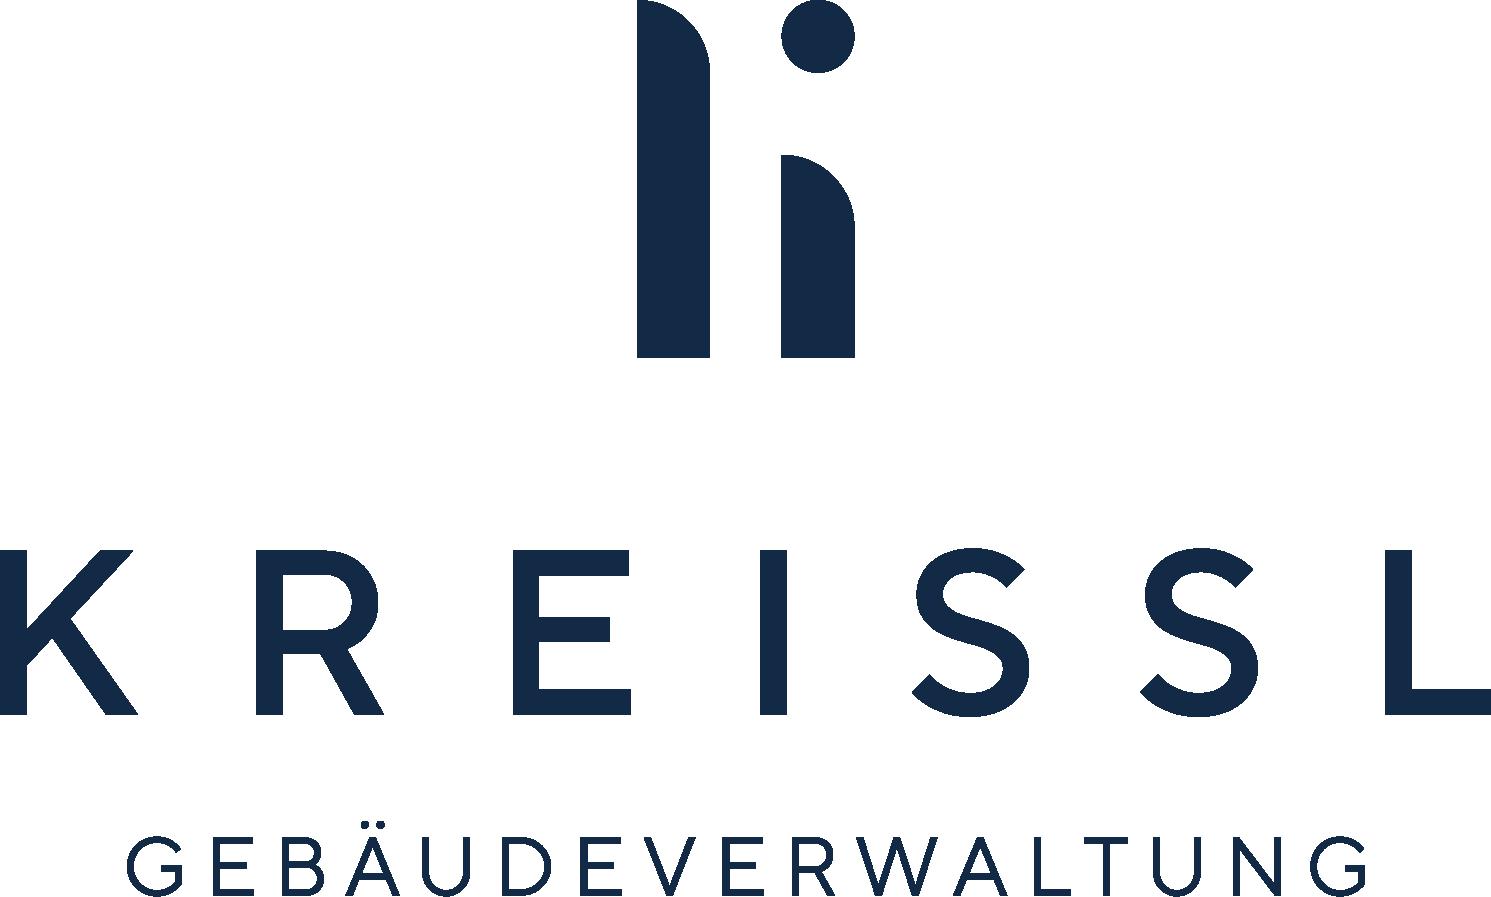 kreissl_logo-vertikal-blau_rgb